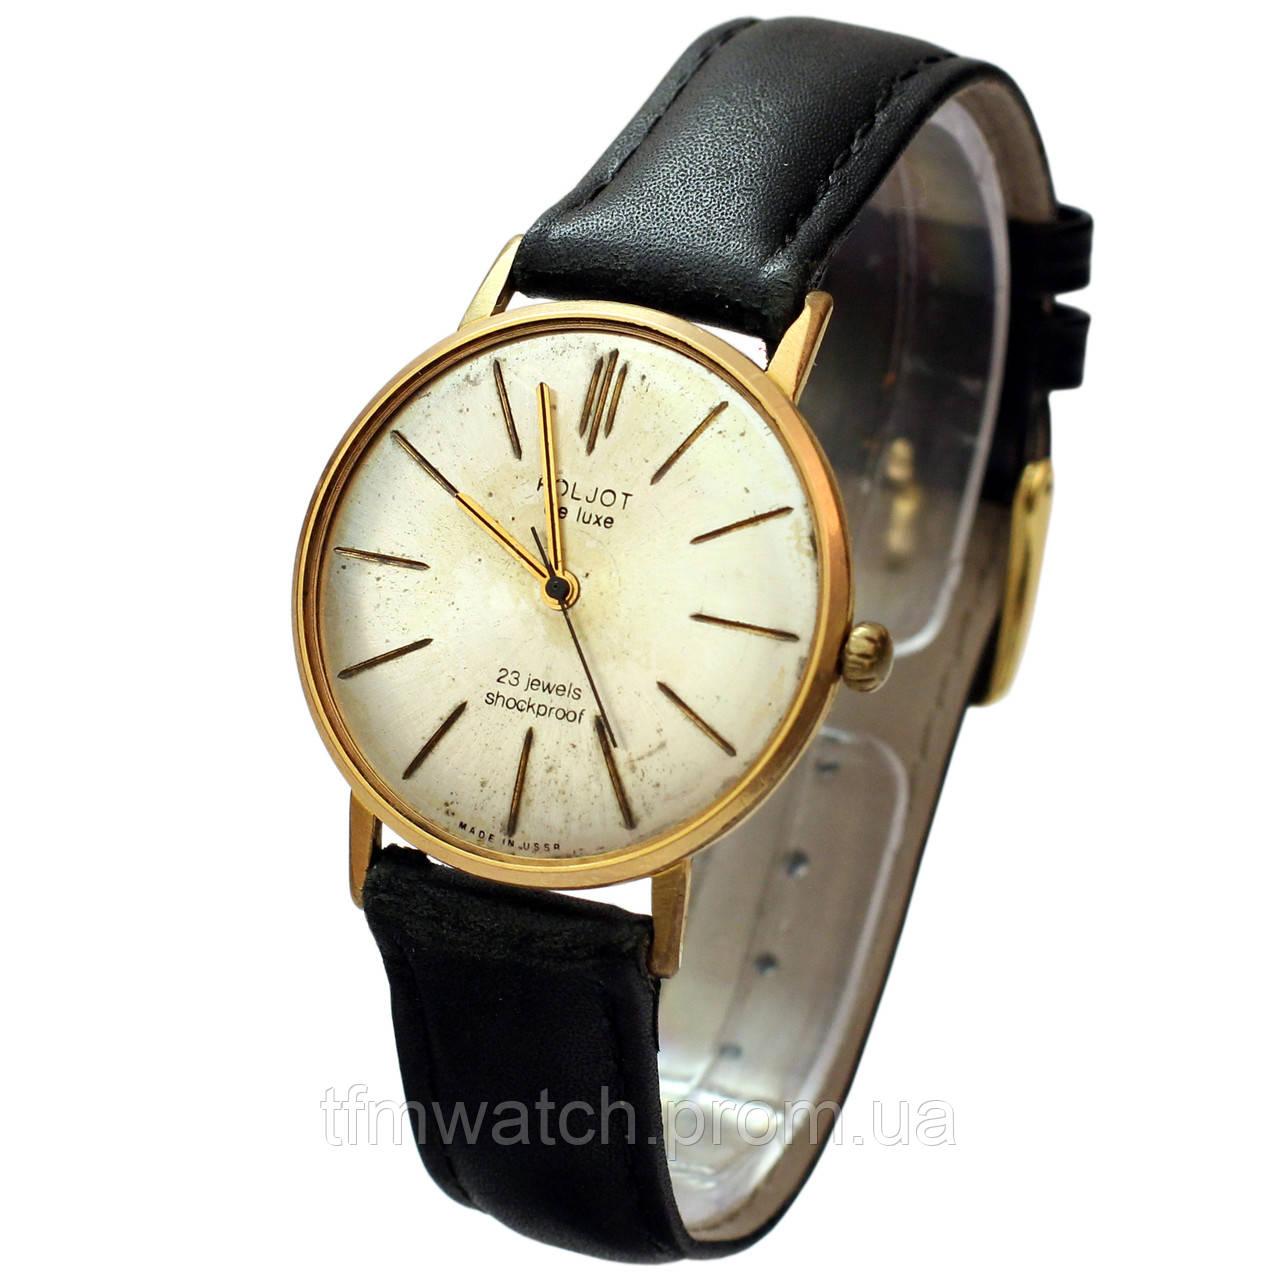 Позолоченные часы Poljot de luxe